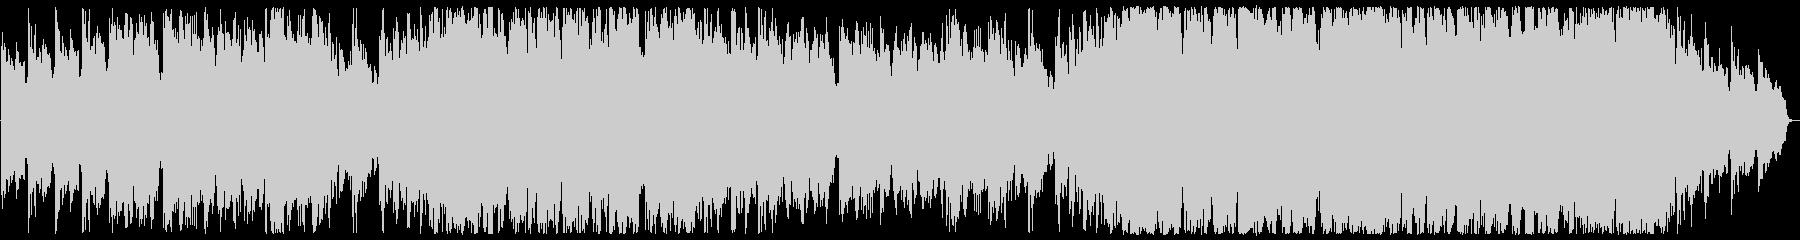 ハープとオーケストラENYA風ヒーリングの未再生の波形